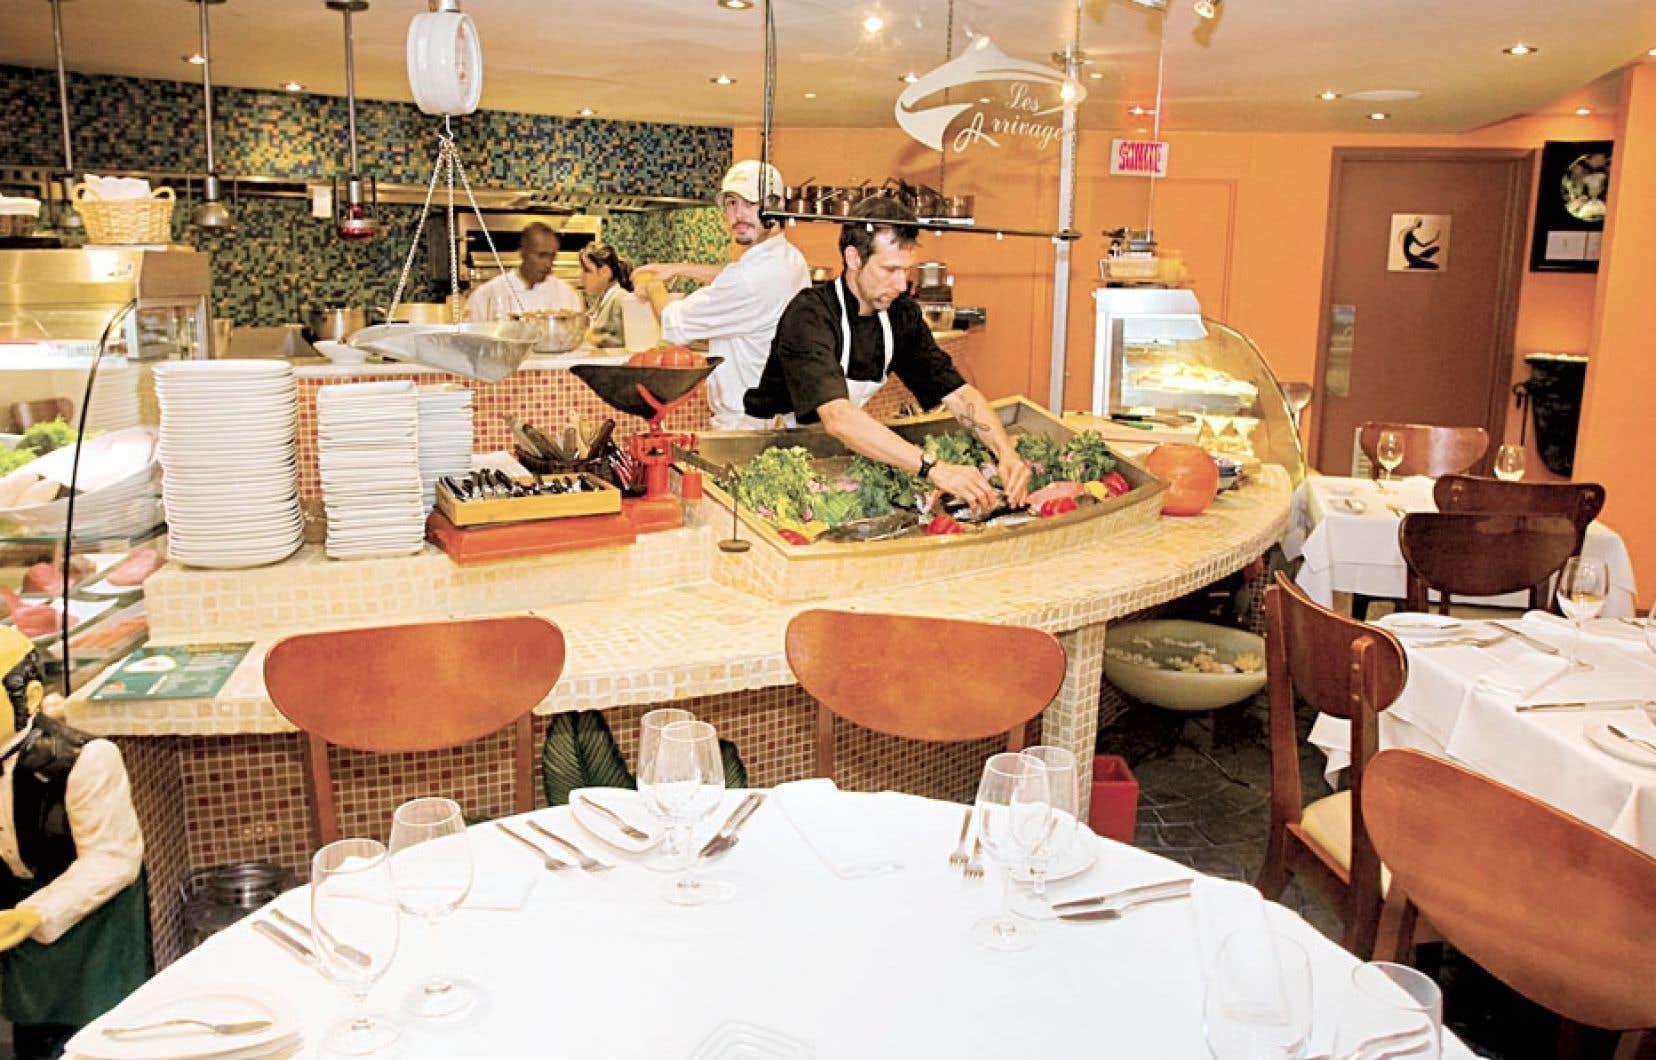 Le décor coloré du restaurant Portus Calle à Montréal arrive presque à nous faire croire que le Portugal revisité n'est pas si loin.